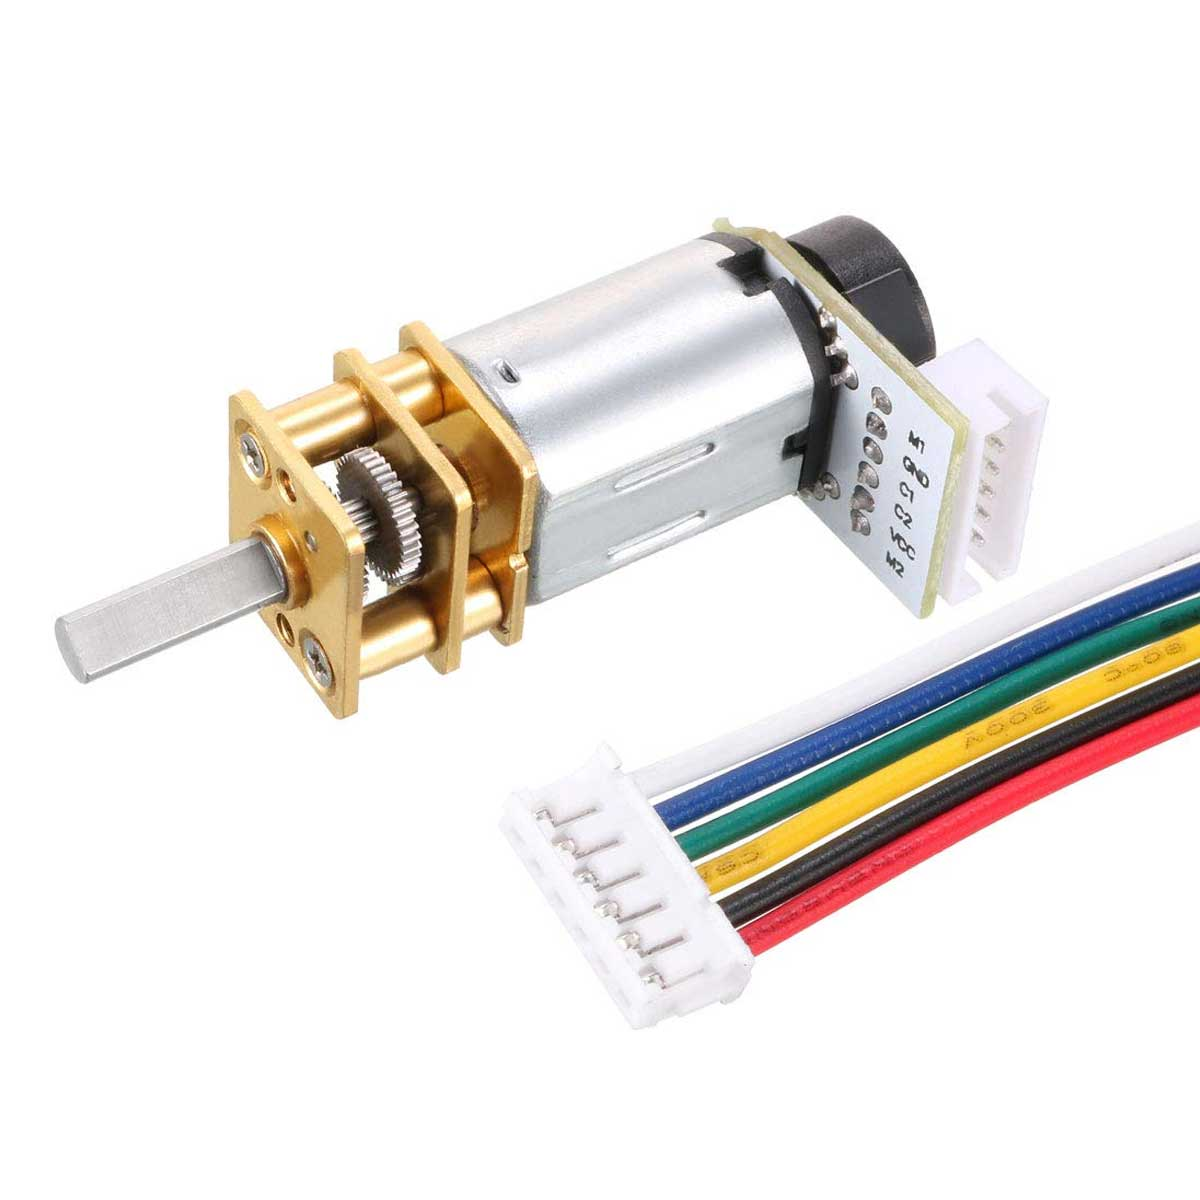 Mini Motor DC N20 com Caixa de Redução e Encoder - 12v 30 RPM